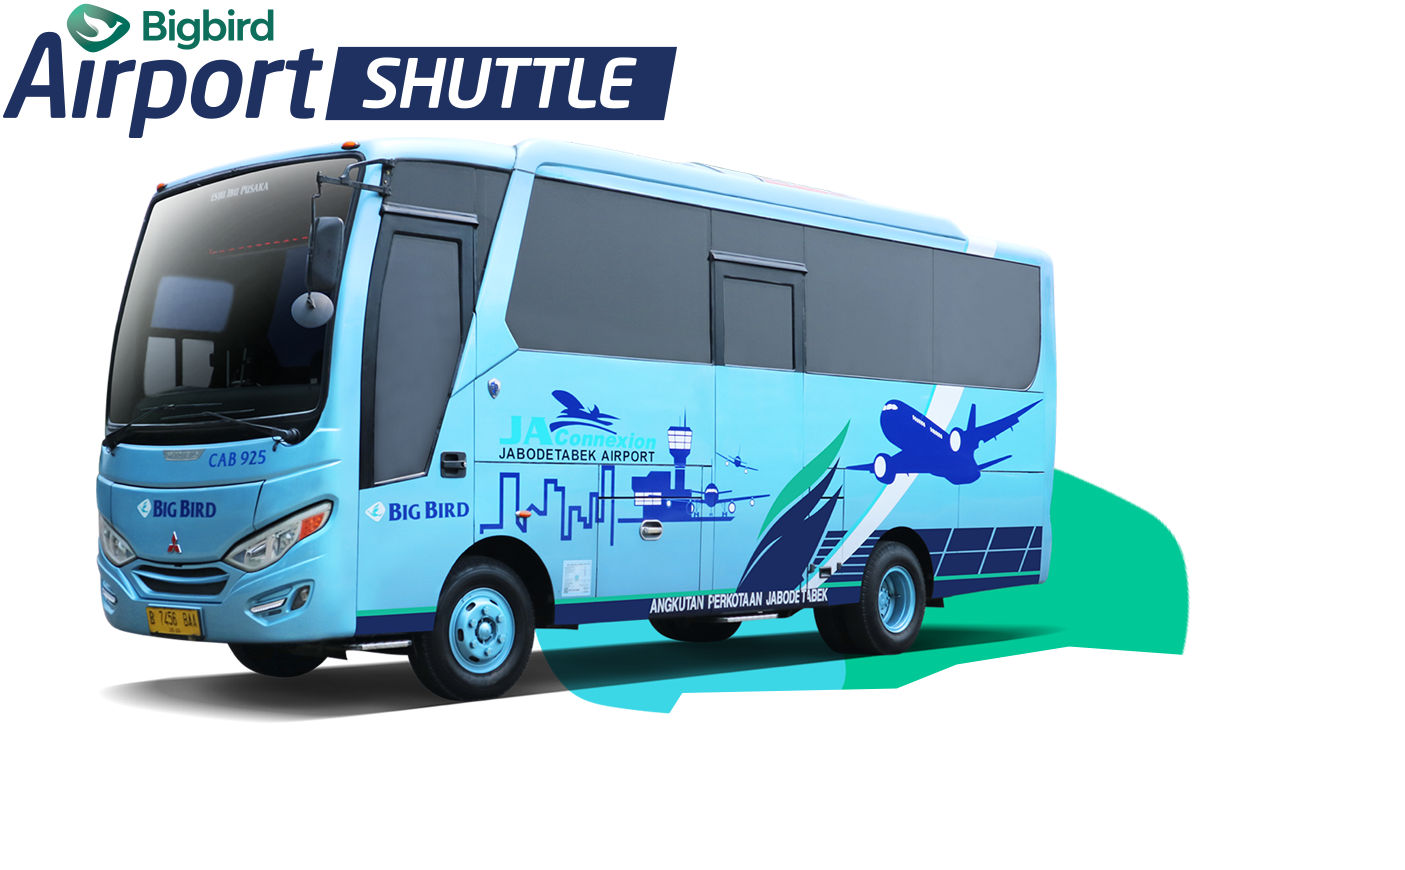 Bigbird Airport-Shuttle